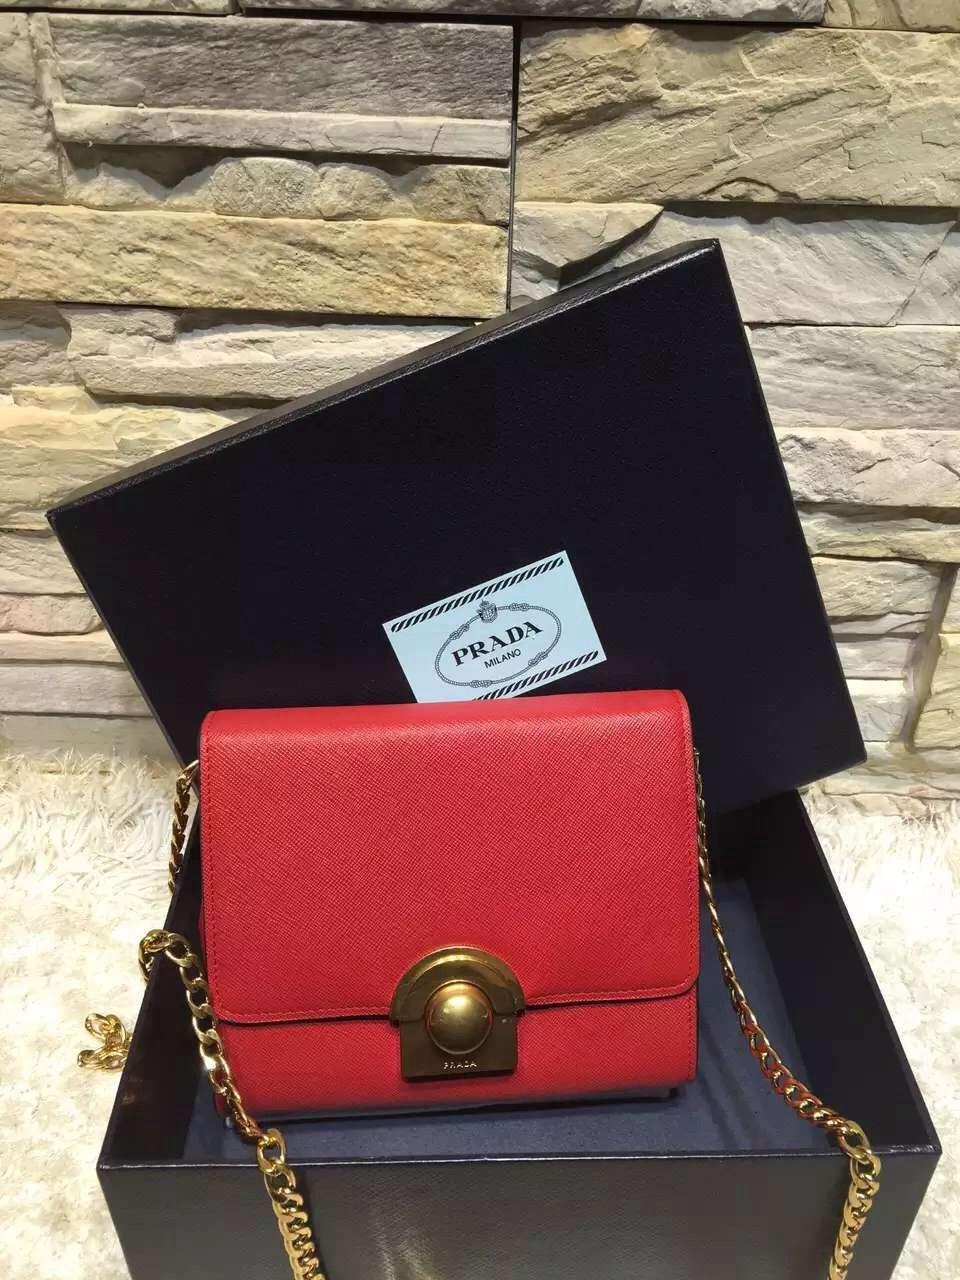 b673f276a499 Prada Saffiano Leather Shoulder Bag 1BH007 Red 2016 | Red Prada Bag ...